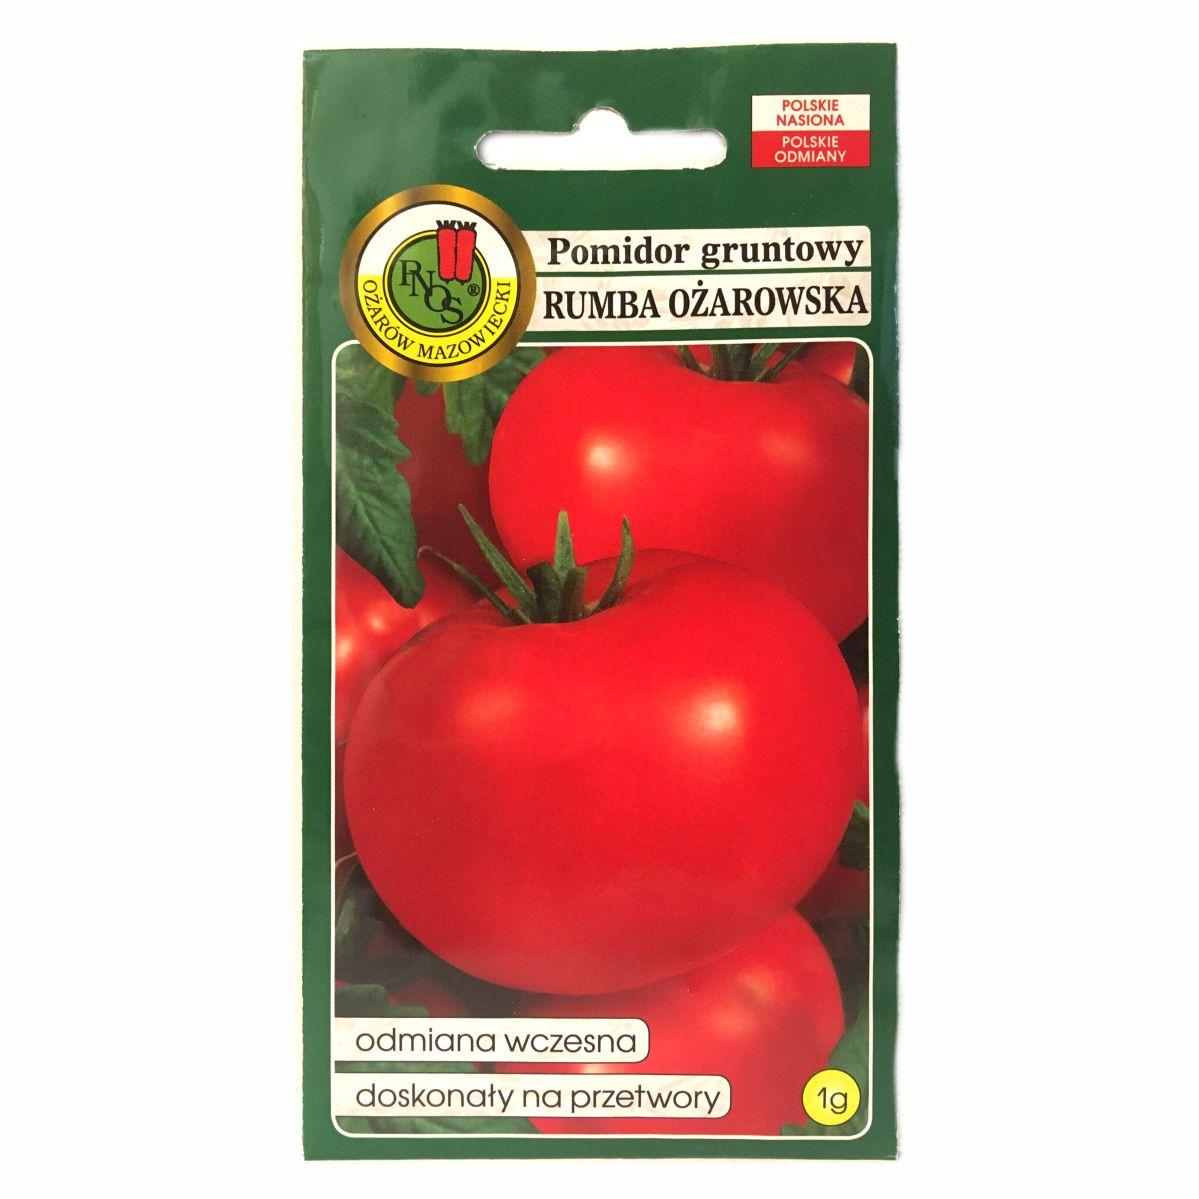 Pomidor rumba Ożarowska nasiona PNOS